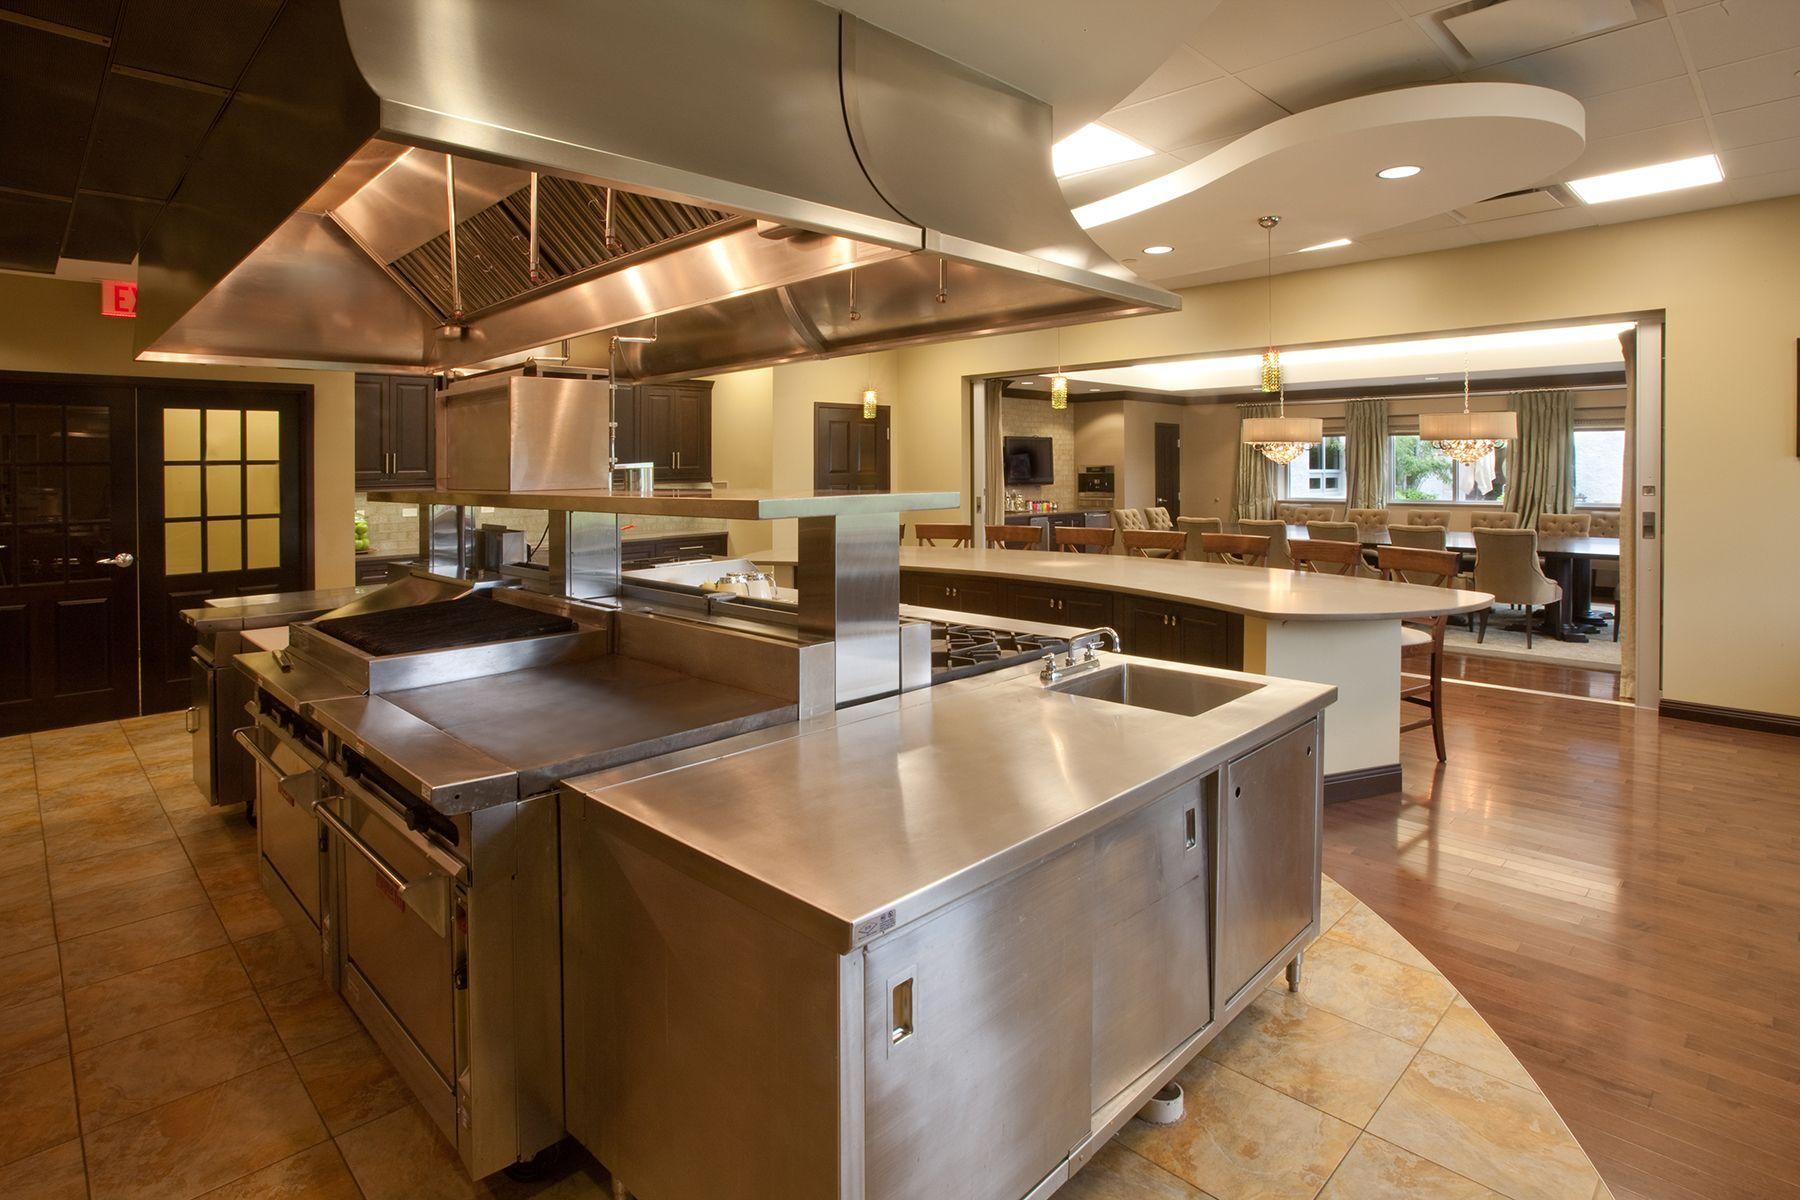 Kulinarische Küche Renovieren Teil 2 Gewerbliche küche